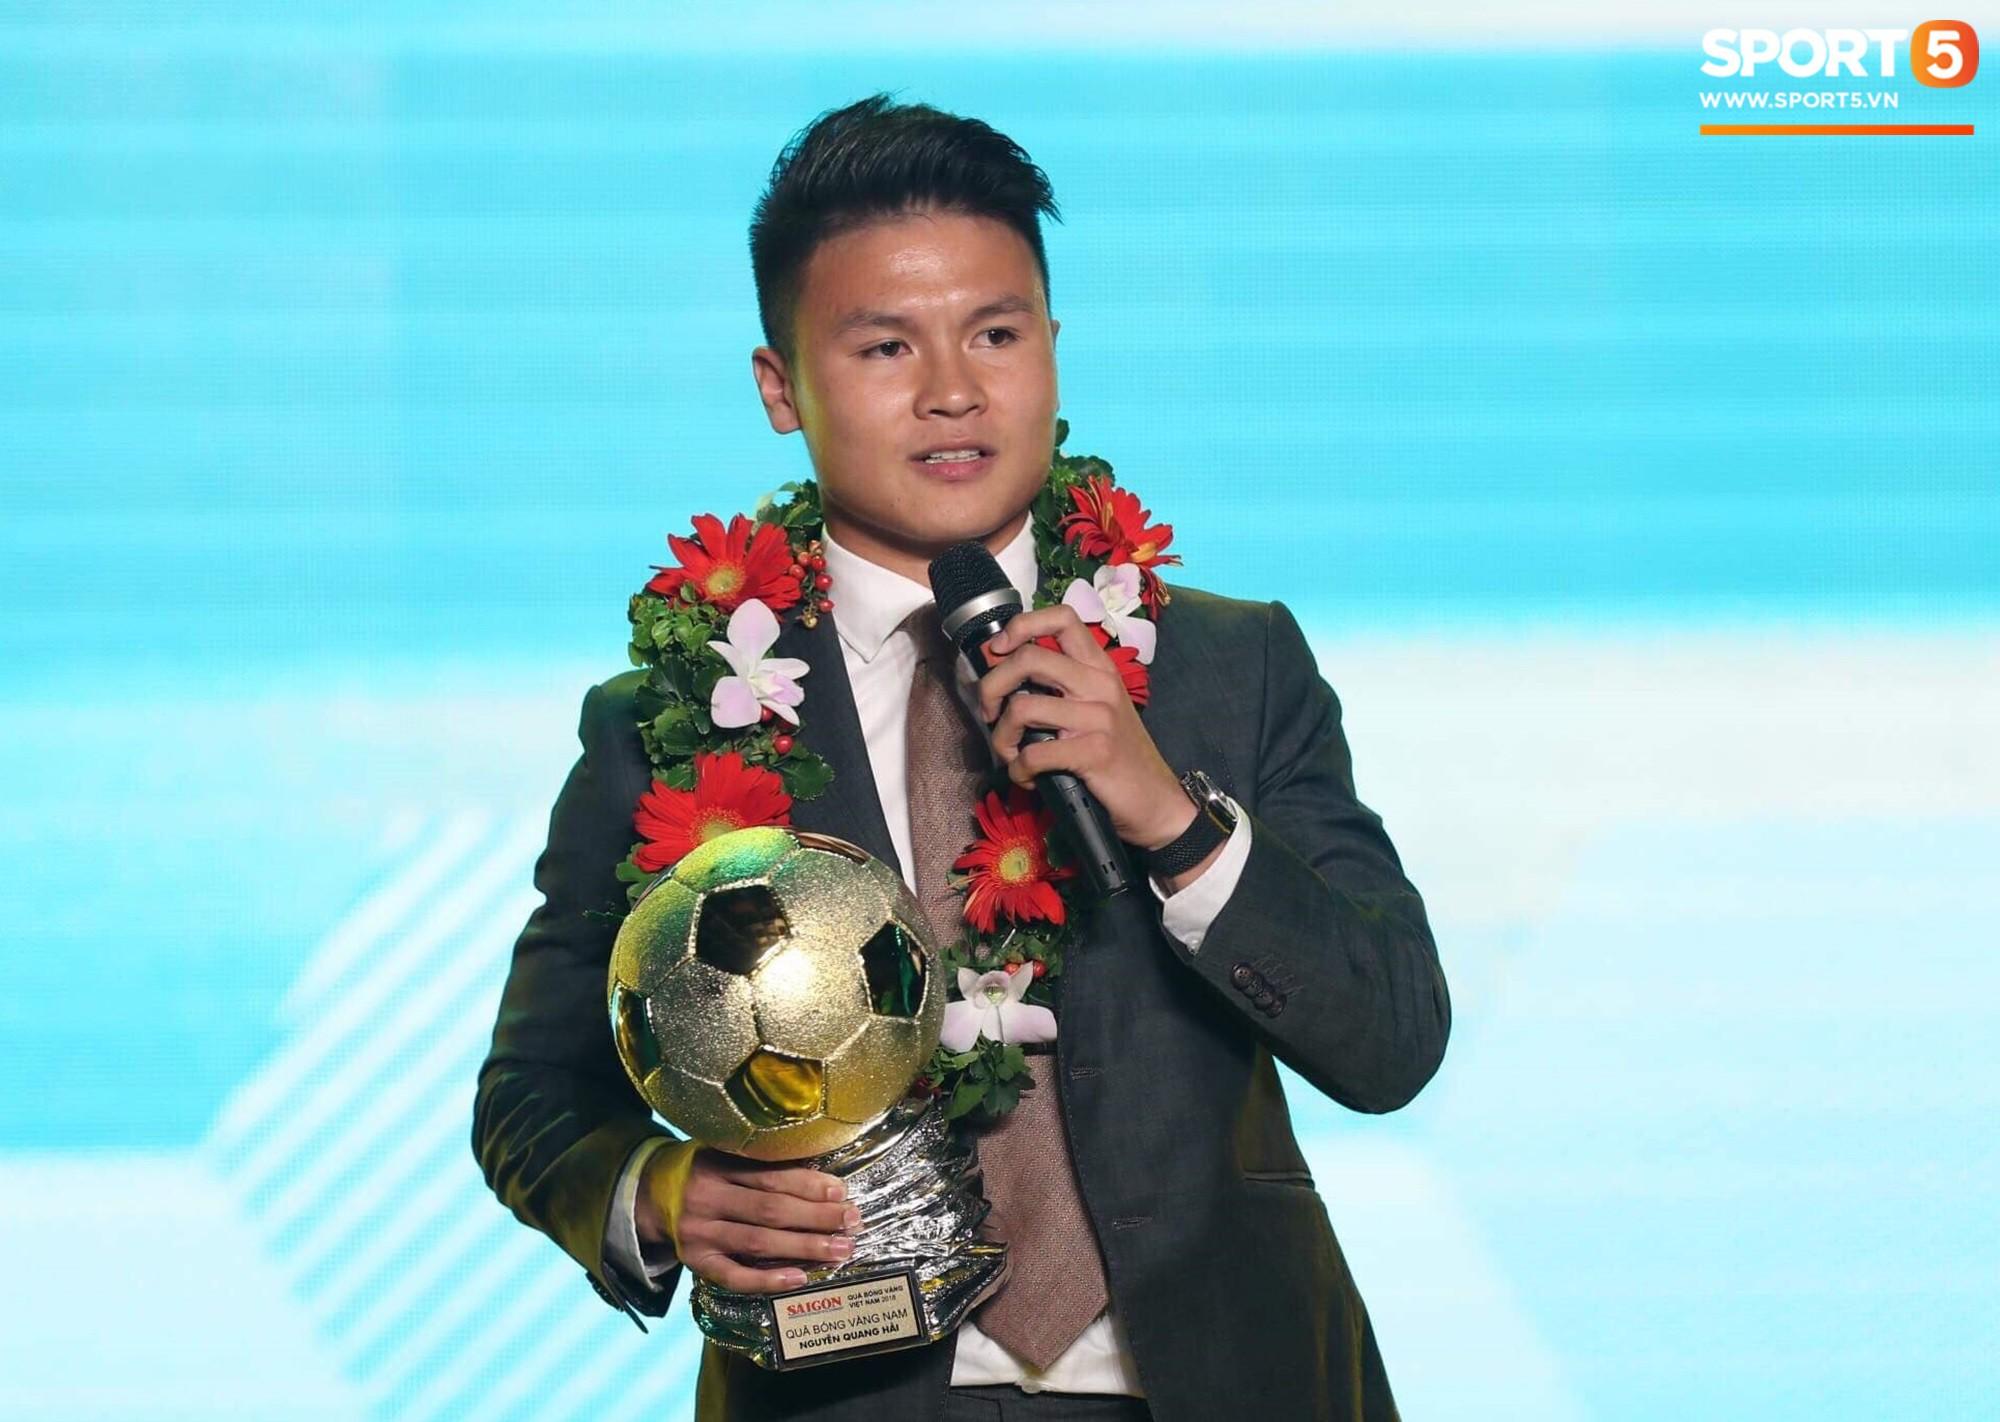 Người hâm mộ chưa hài lòng khi xem lễ trao giải Quả bóng vàng 2018 - Ảnh 5.